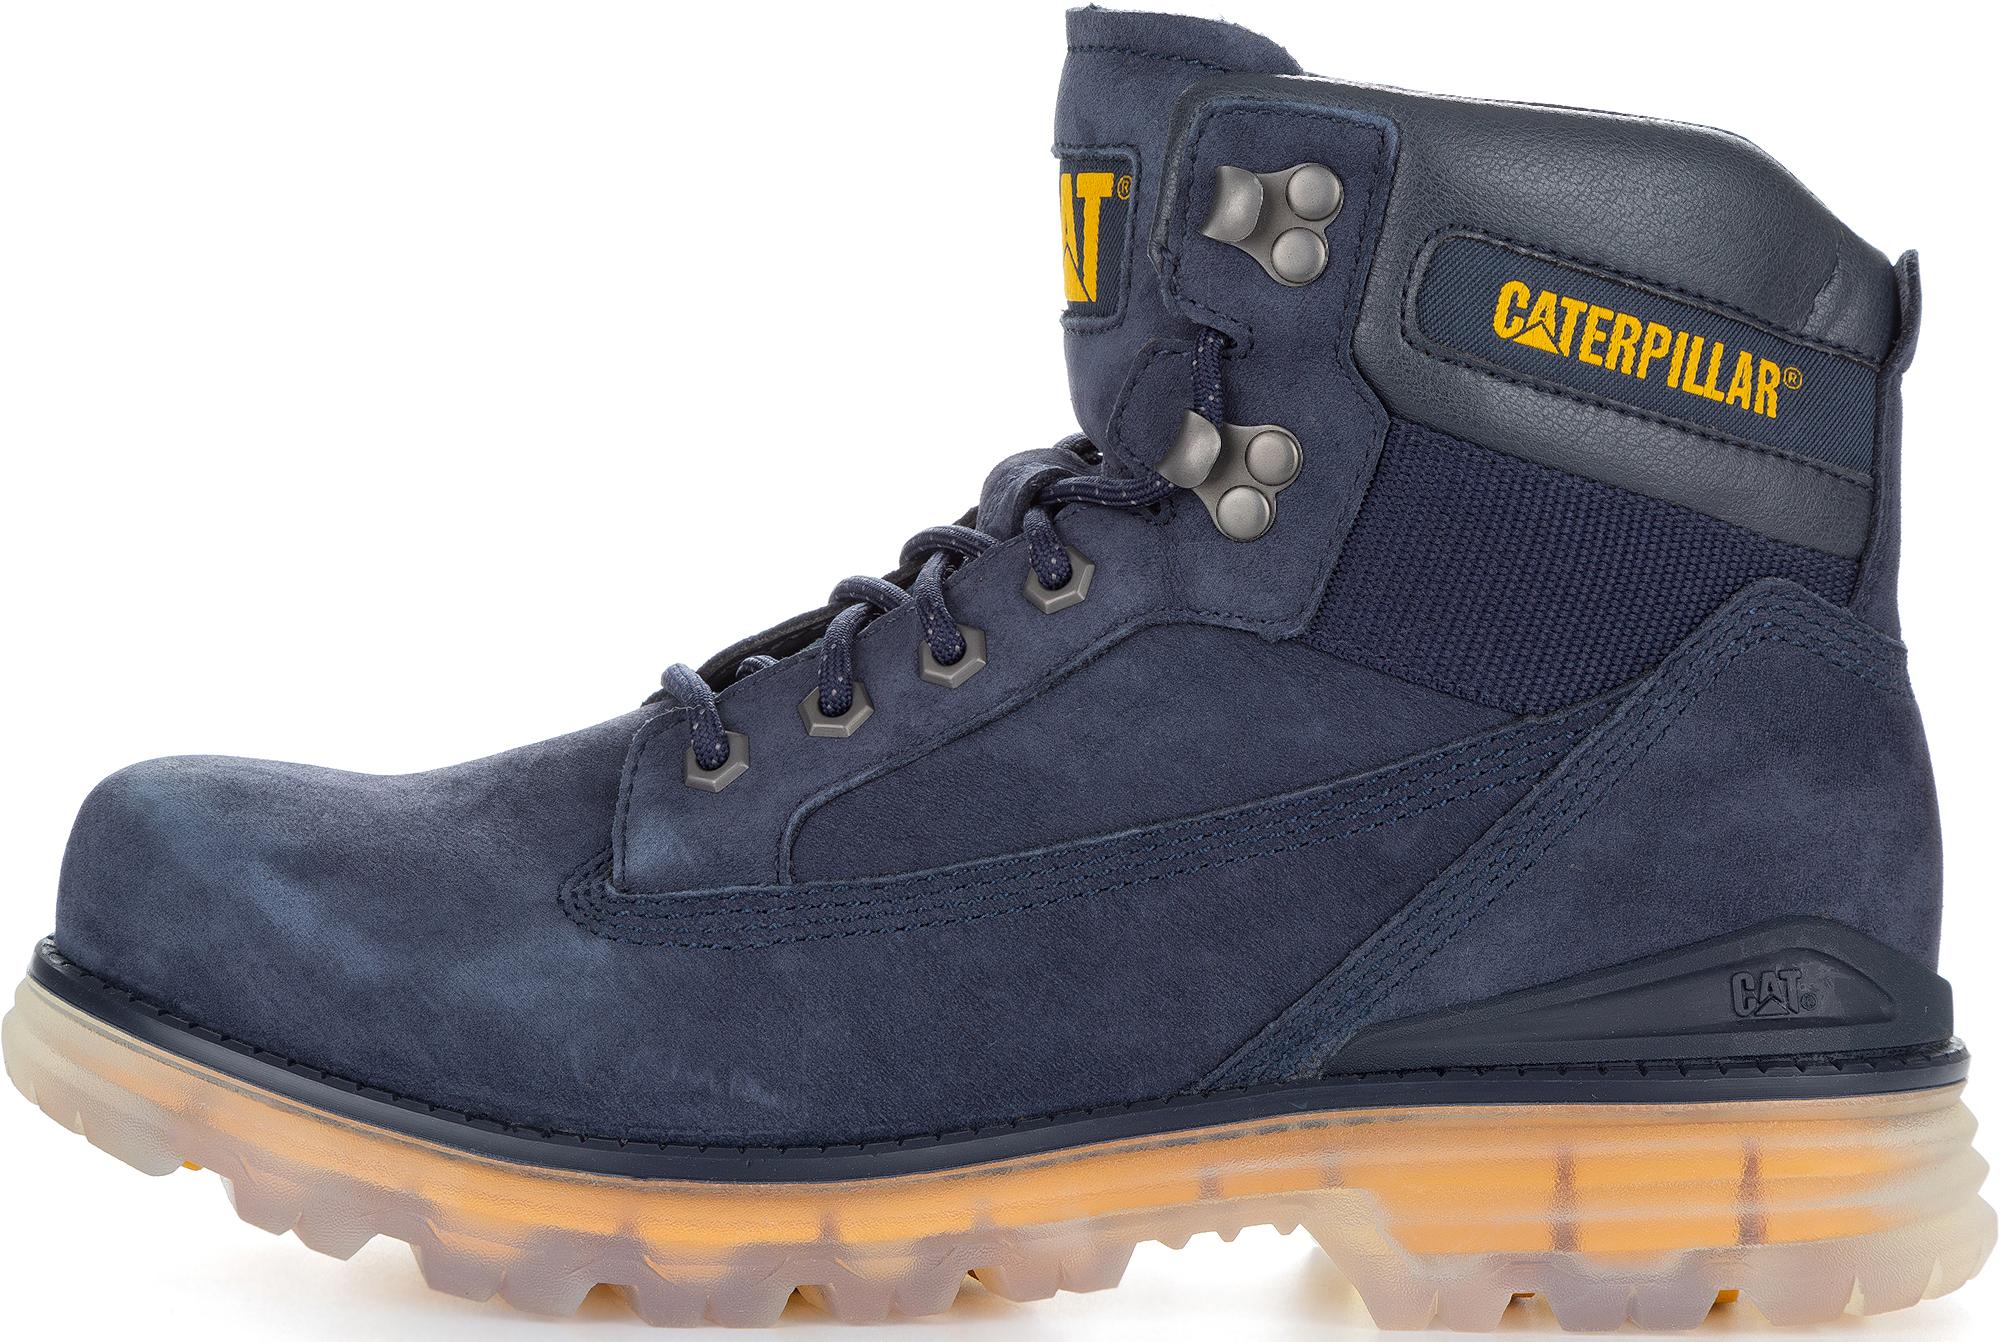 где купить Caterpillar Ботинки мужские Caterpillar Baseplate, размер 45 по лучшей цене